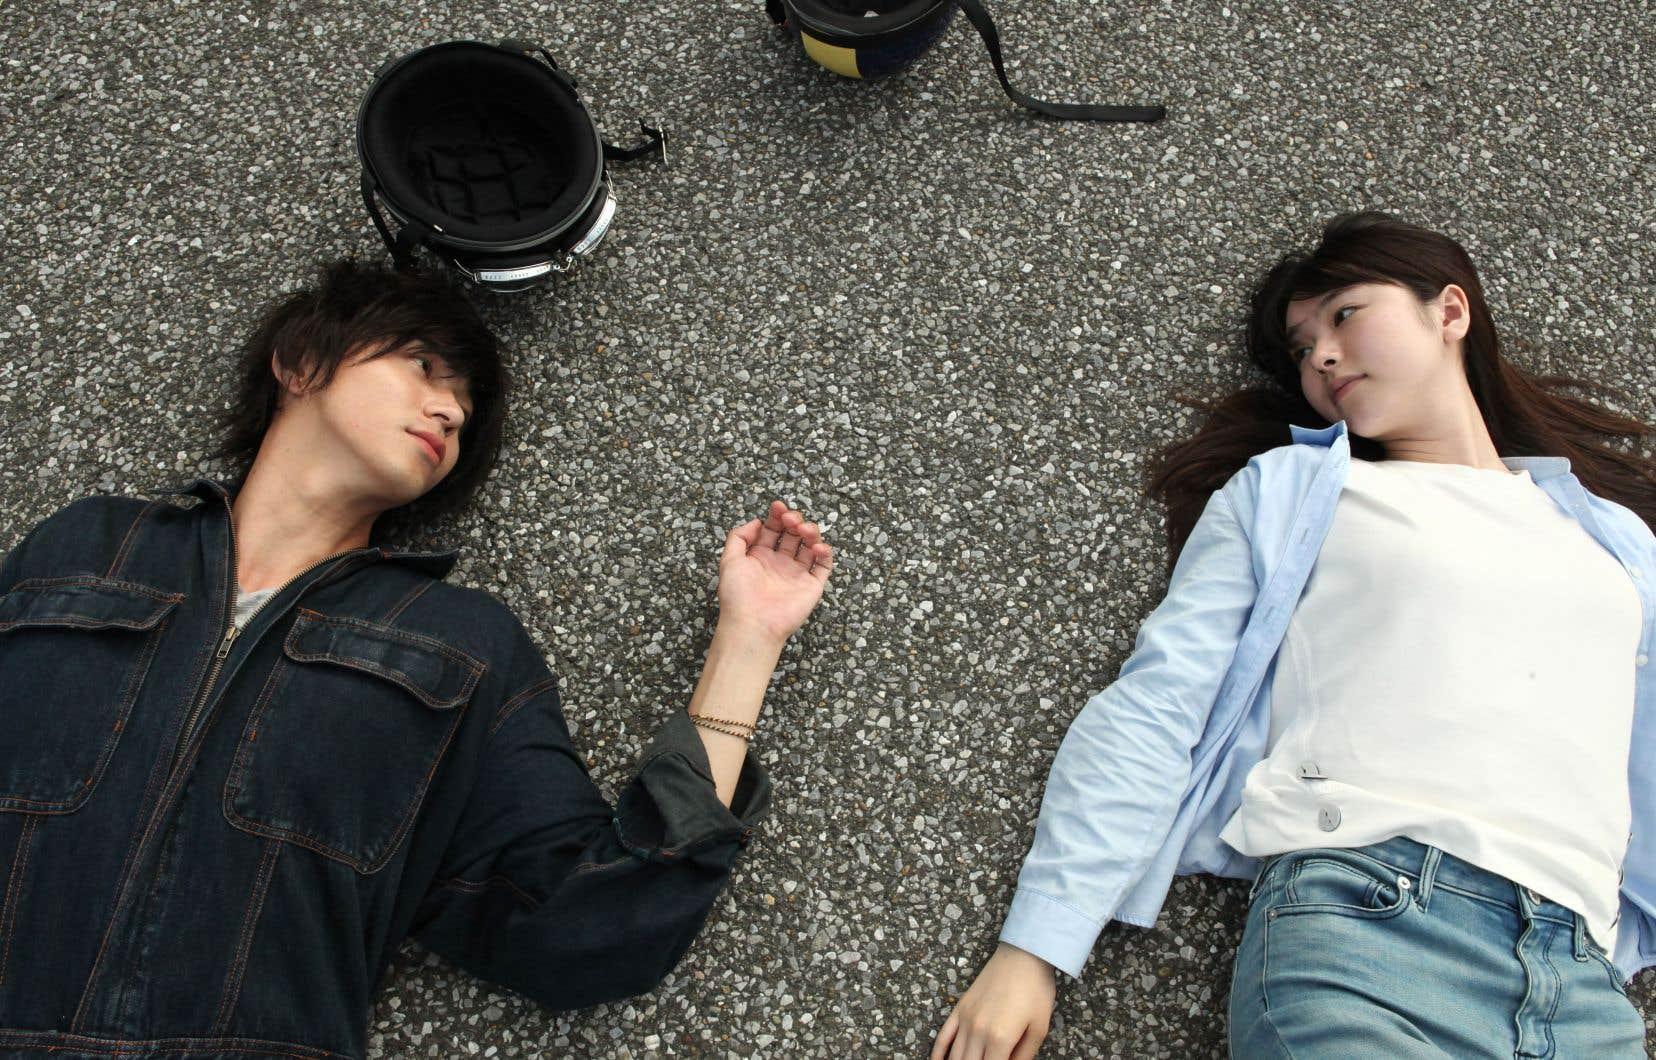 Adapté d'un roman de Tomoka Shibasaki, «Asako I&II» conte le parcours d'une jeune femme d'Osaka, Asako, qui un jour s'éprend de Baku. Leur relation semble prometteuse… mais voilà que le nonchalant Baku se volatilise.